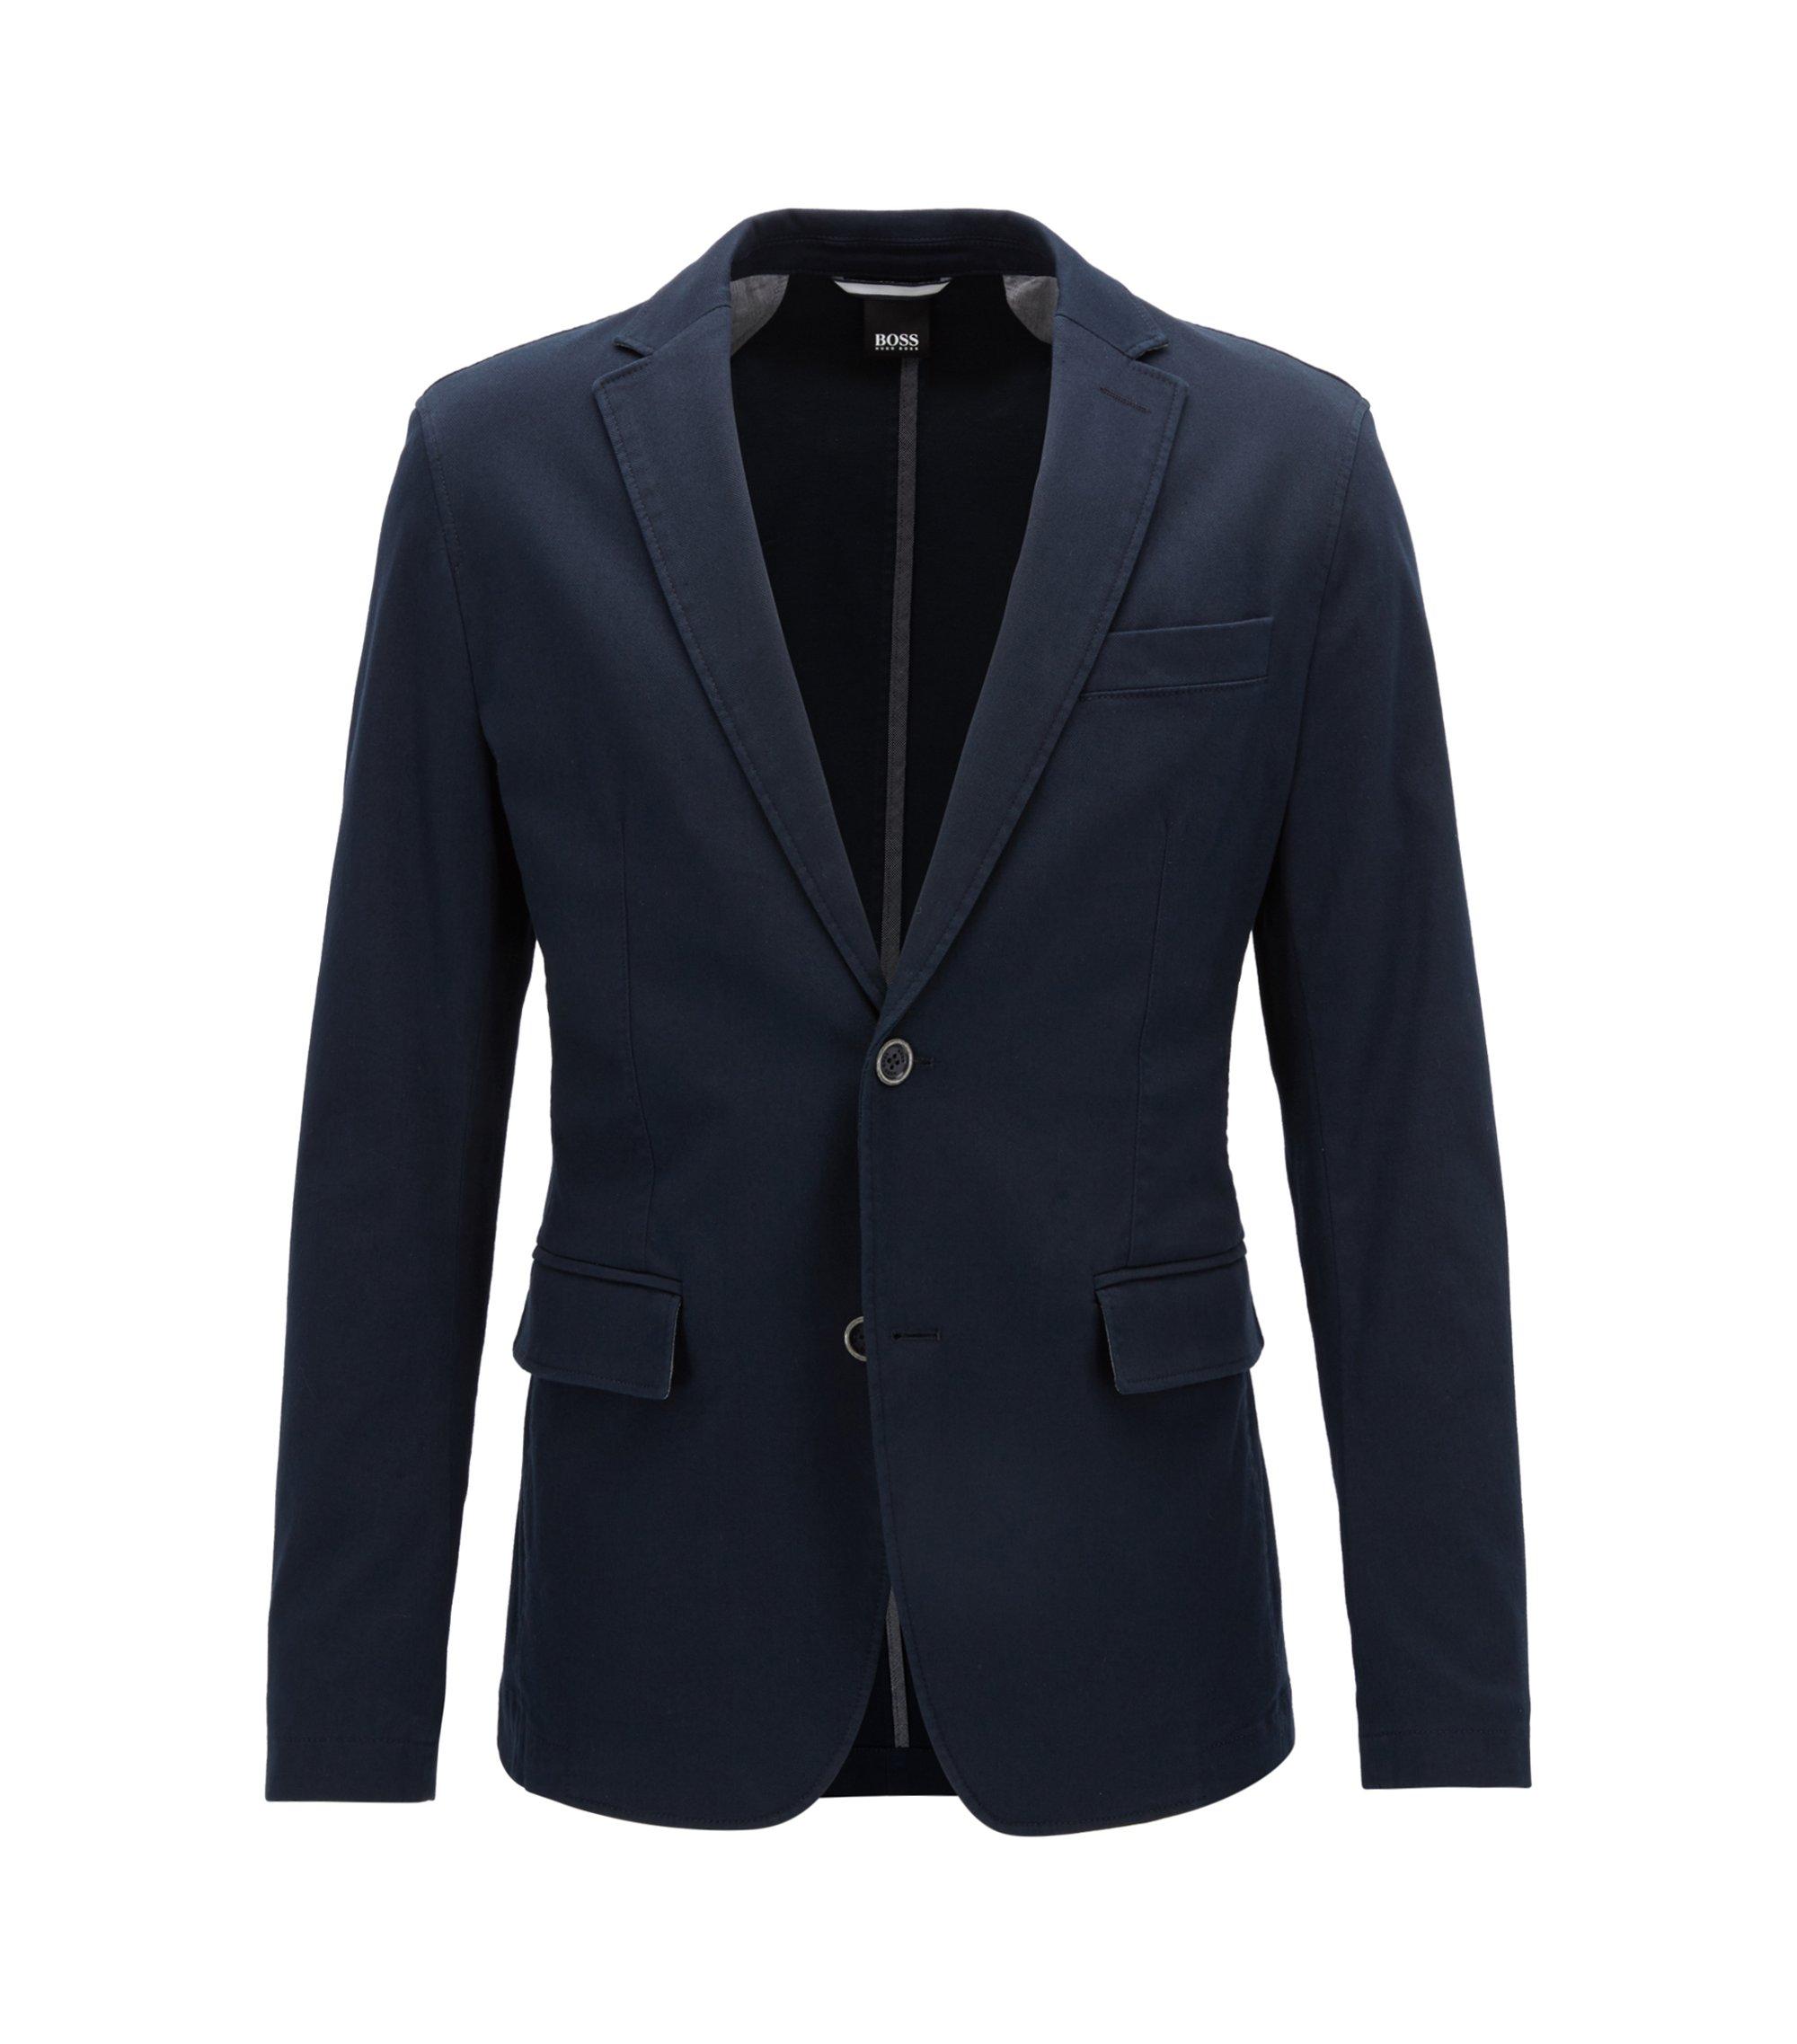 Veste Slim Fit en coton stretch texturé, Bleu foncé